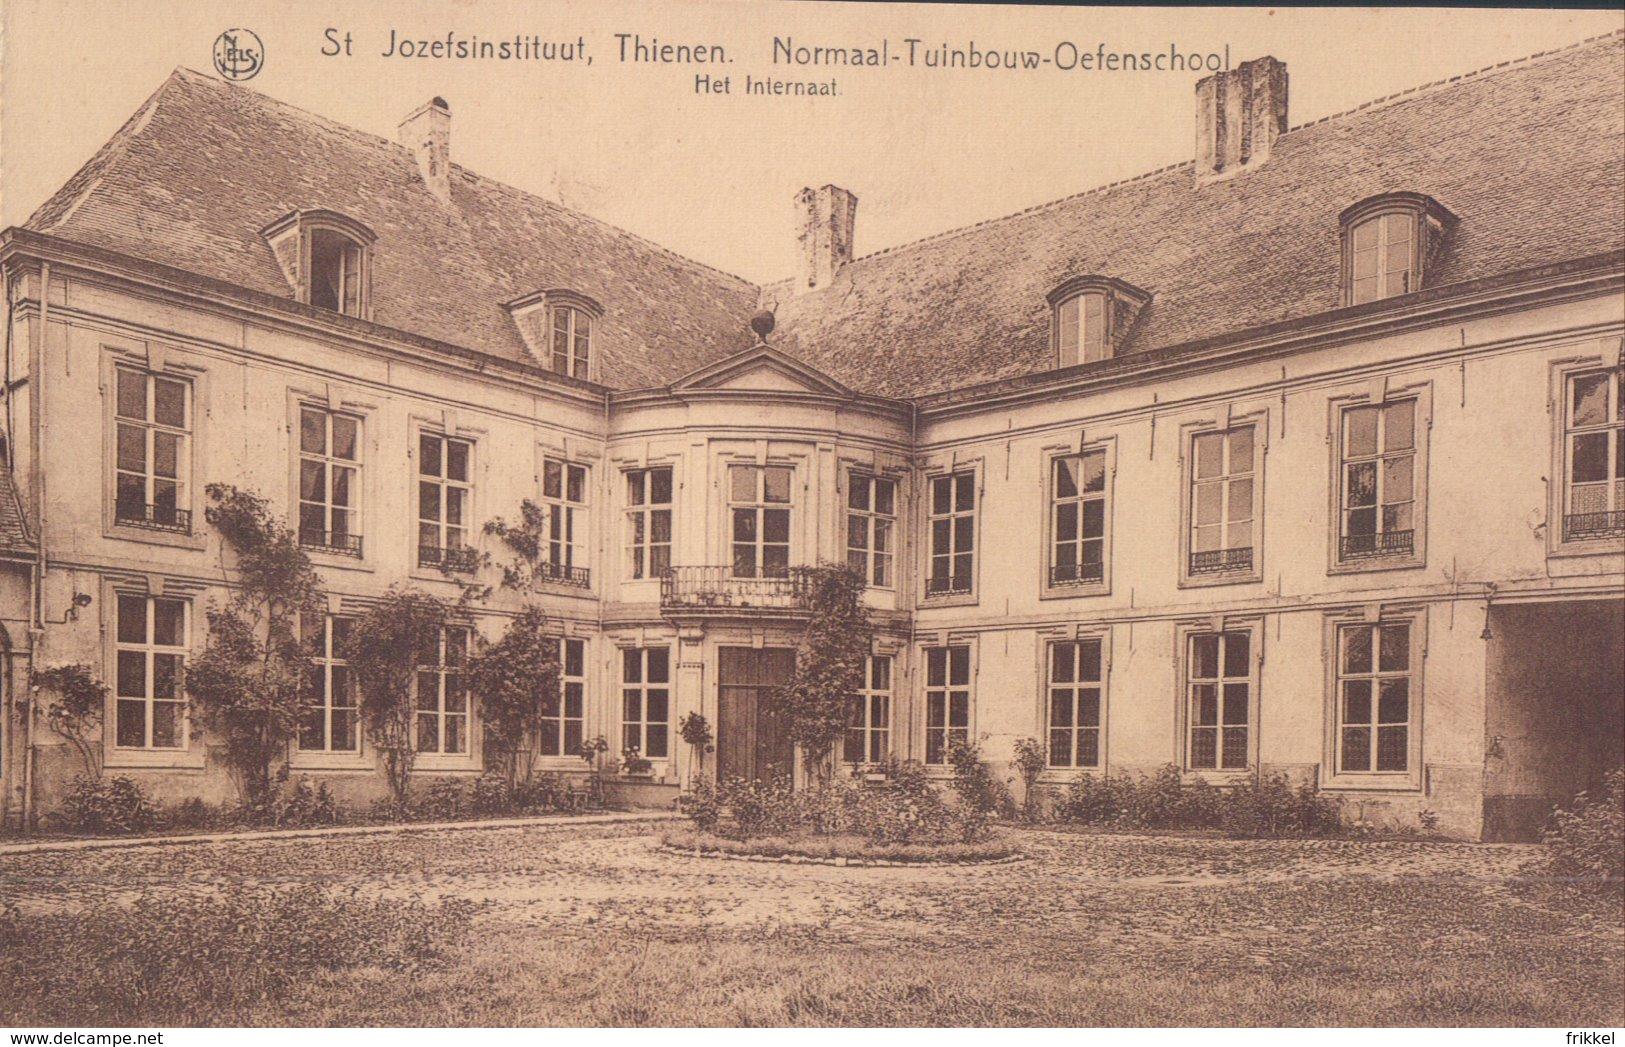 Tienen St. Jozefsinstituut Thienen Normaal-Tuinbouw-Oefenschool Het Internaat - Tienen